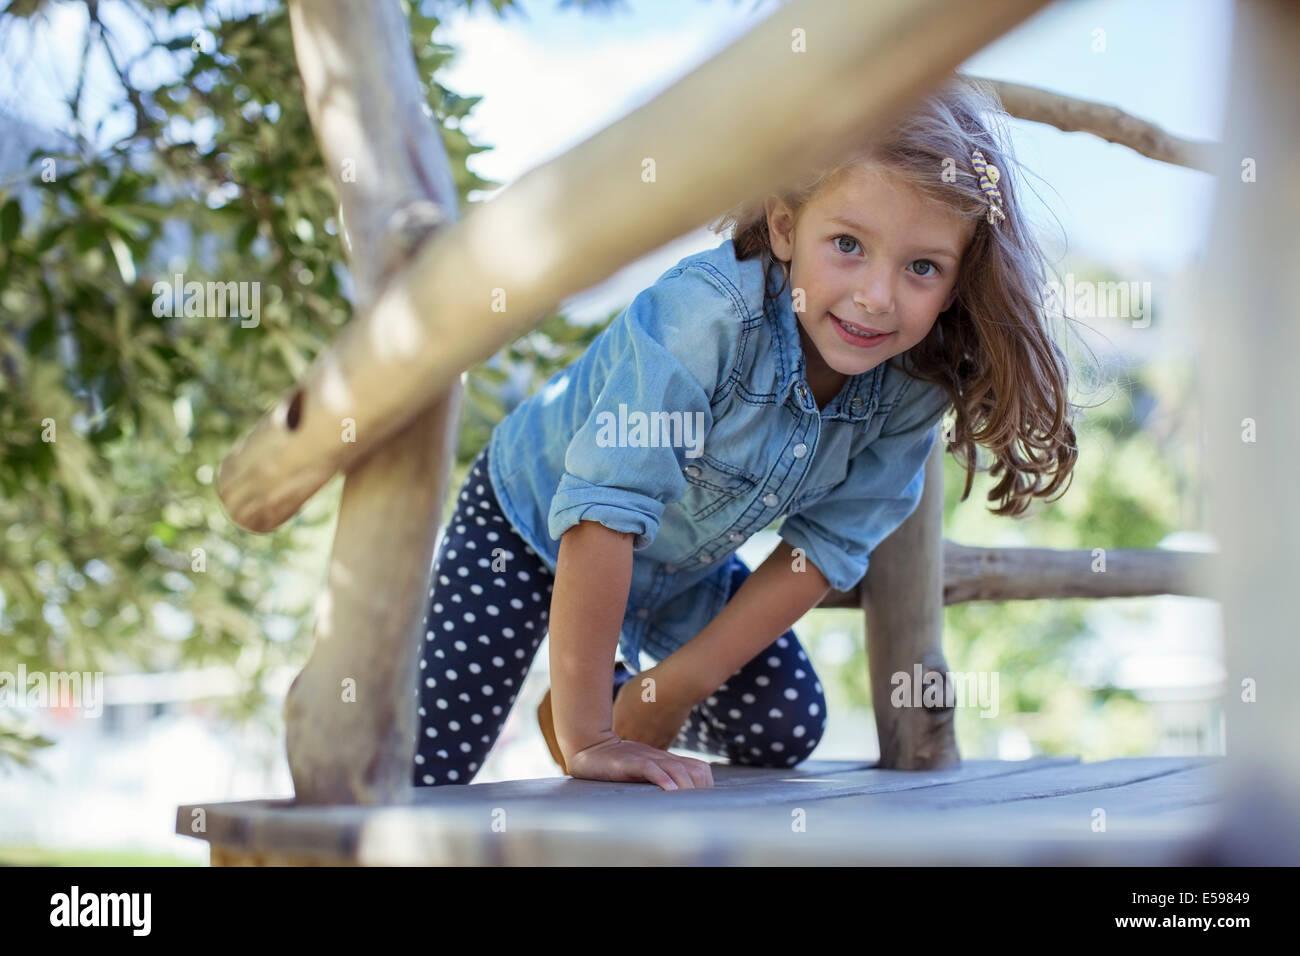 Mädchen, Klettern im Baumhaus im freien Stockbild